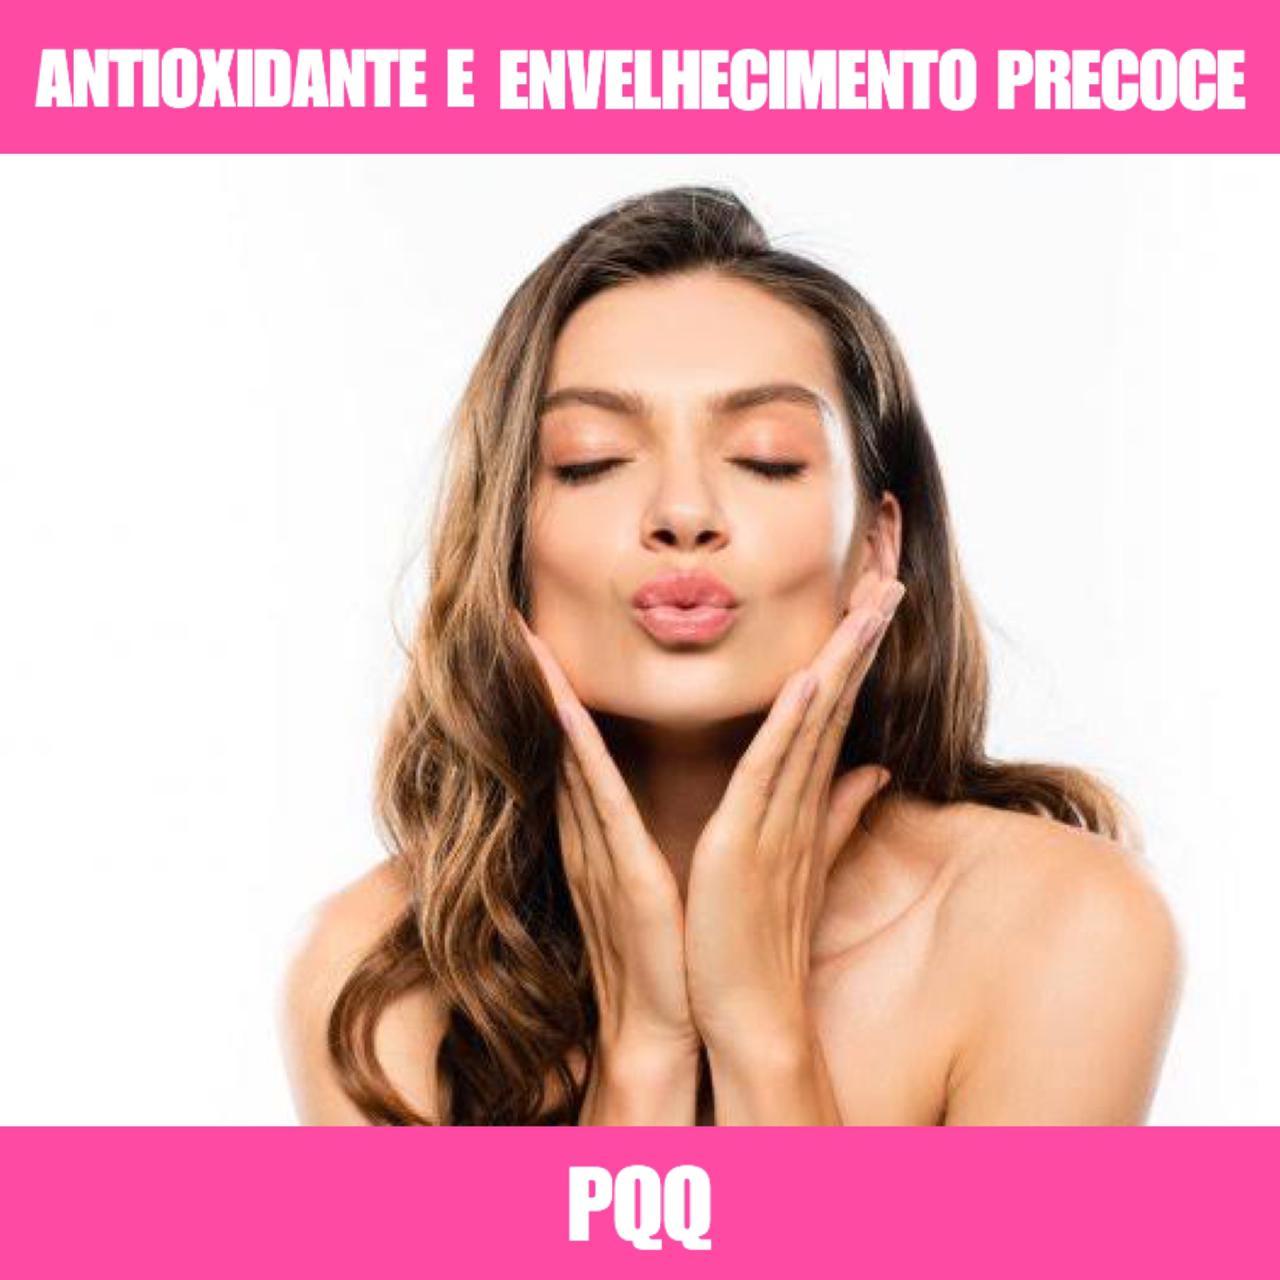 PQQ - ANTIOXIDANTE E ENVELHECIMENTO PRECOCE